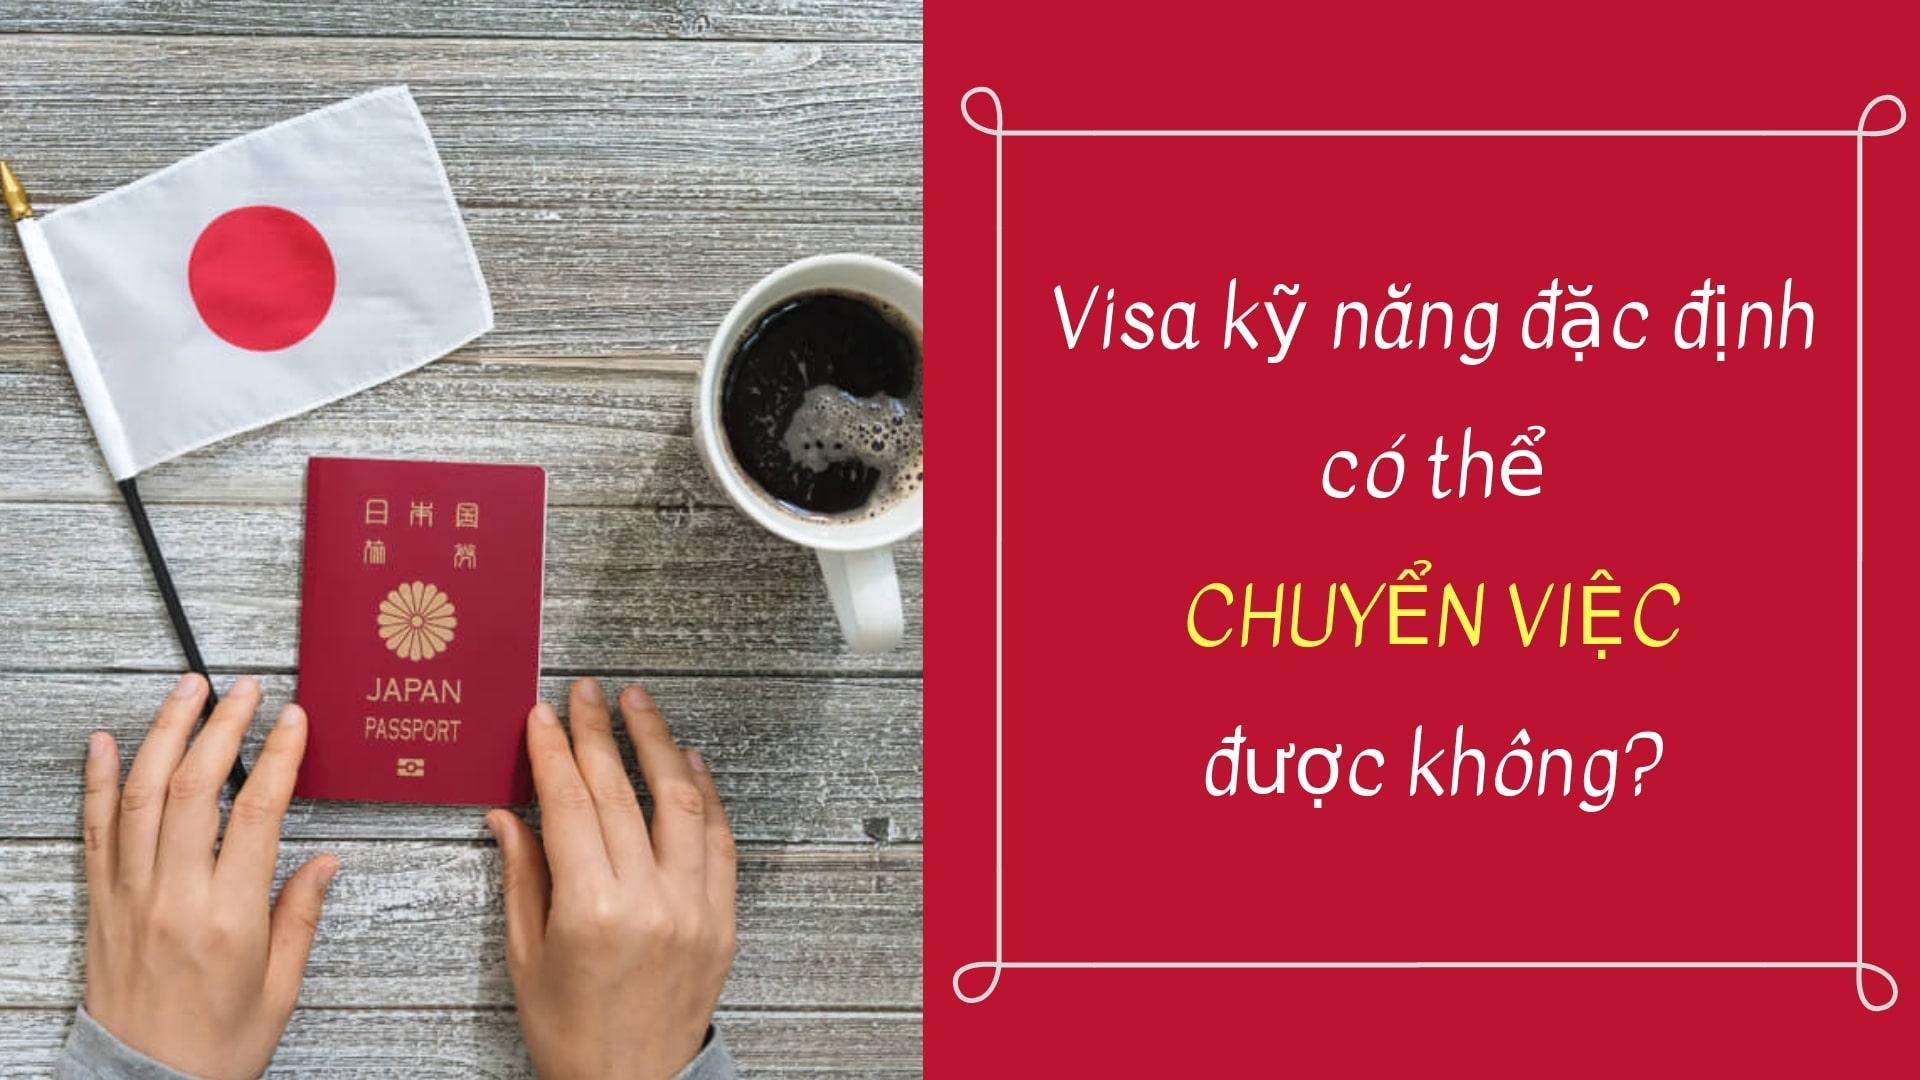 Thời gian này có nên tham gia chương trình visa đặc định không?